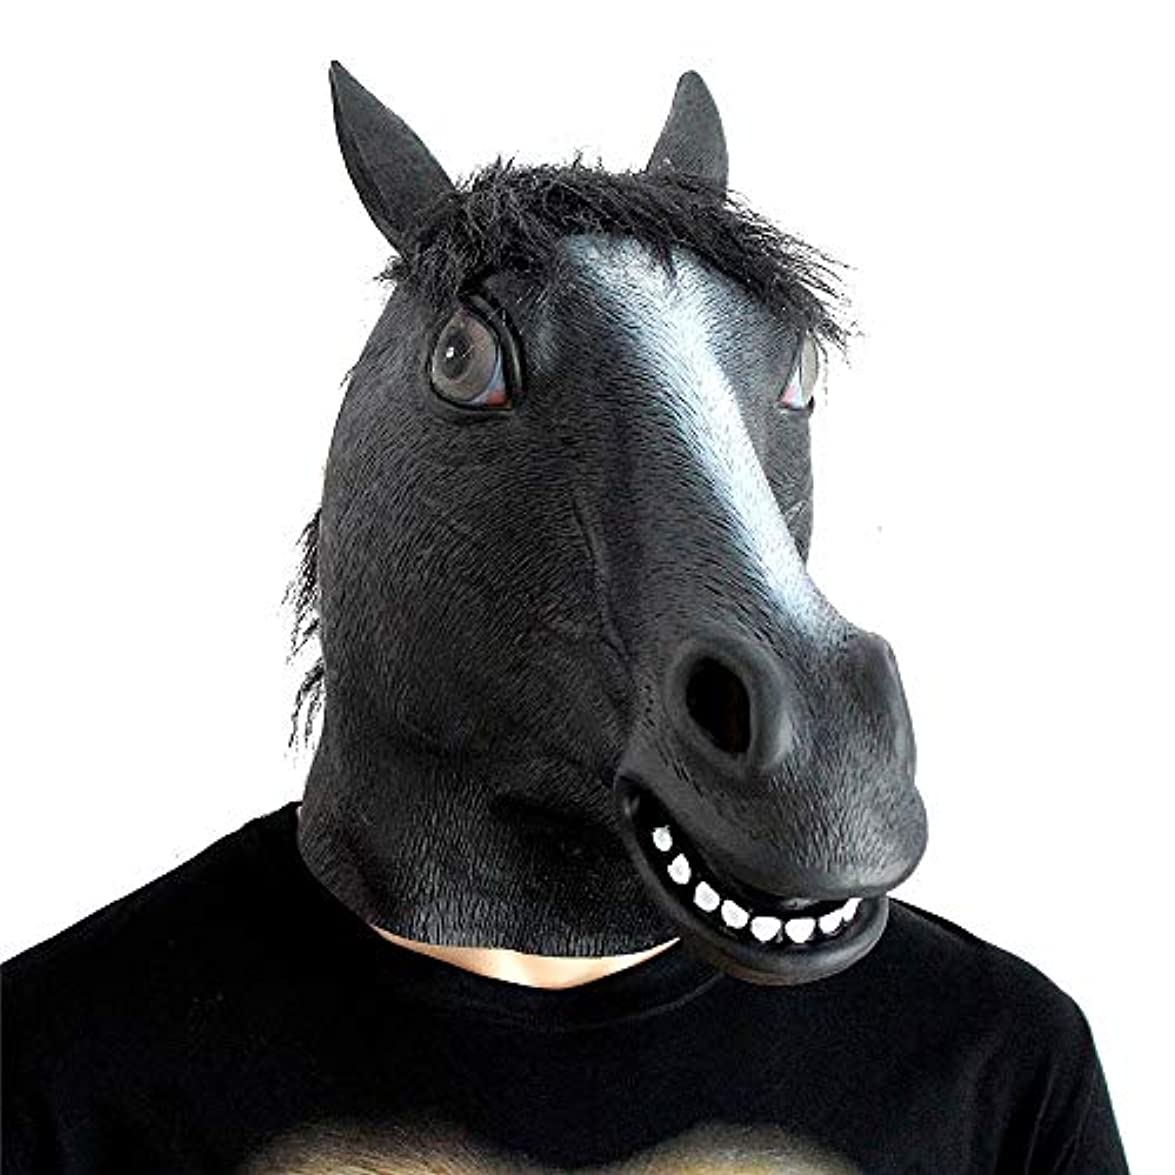 盆クライアント謎めいたハロウィーンのスタイリングの小道具ボールパーティーの馬の頭のマスクラテックスゲーム面白いパーティー用品 (Color : B)